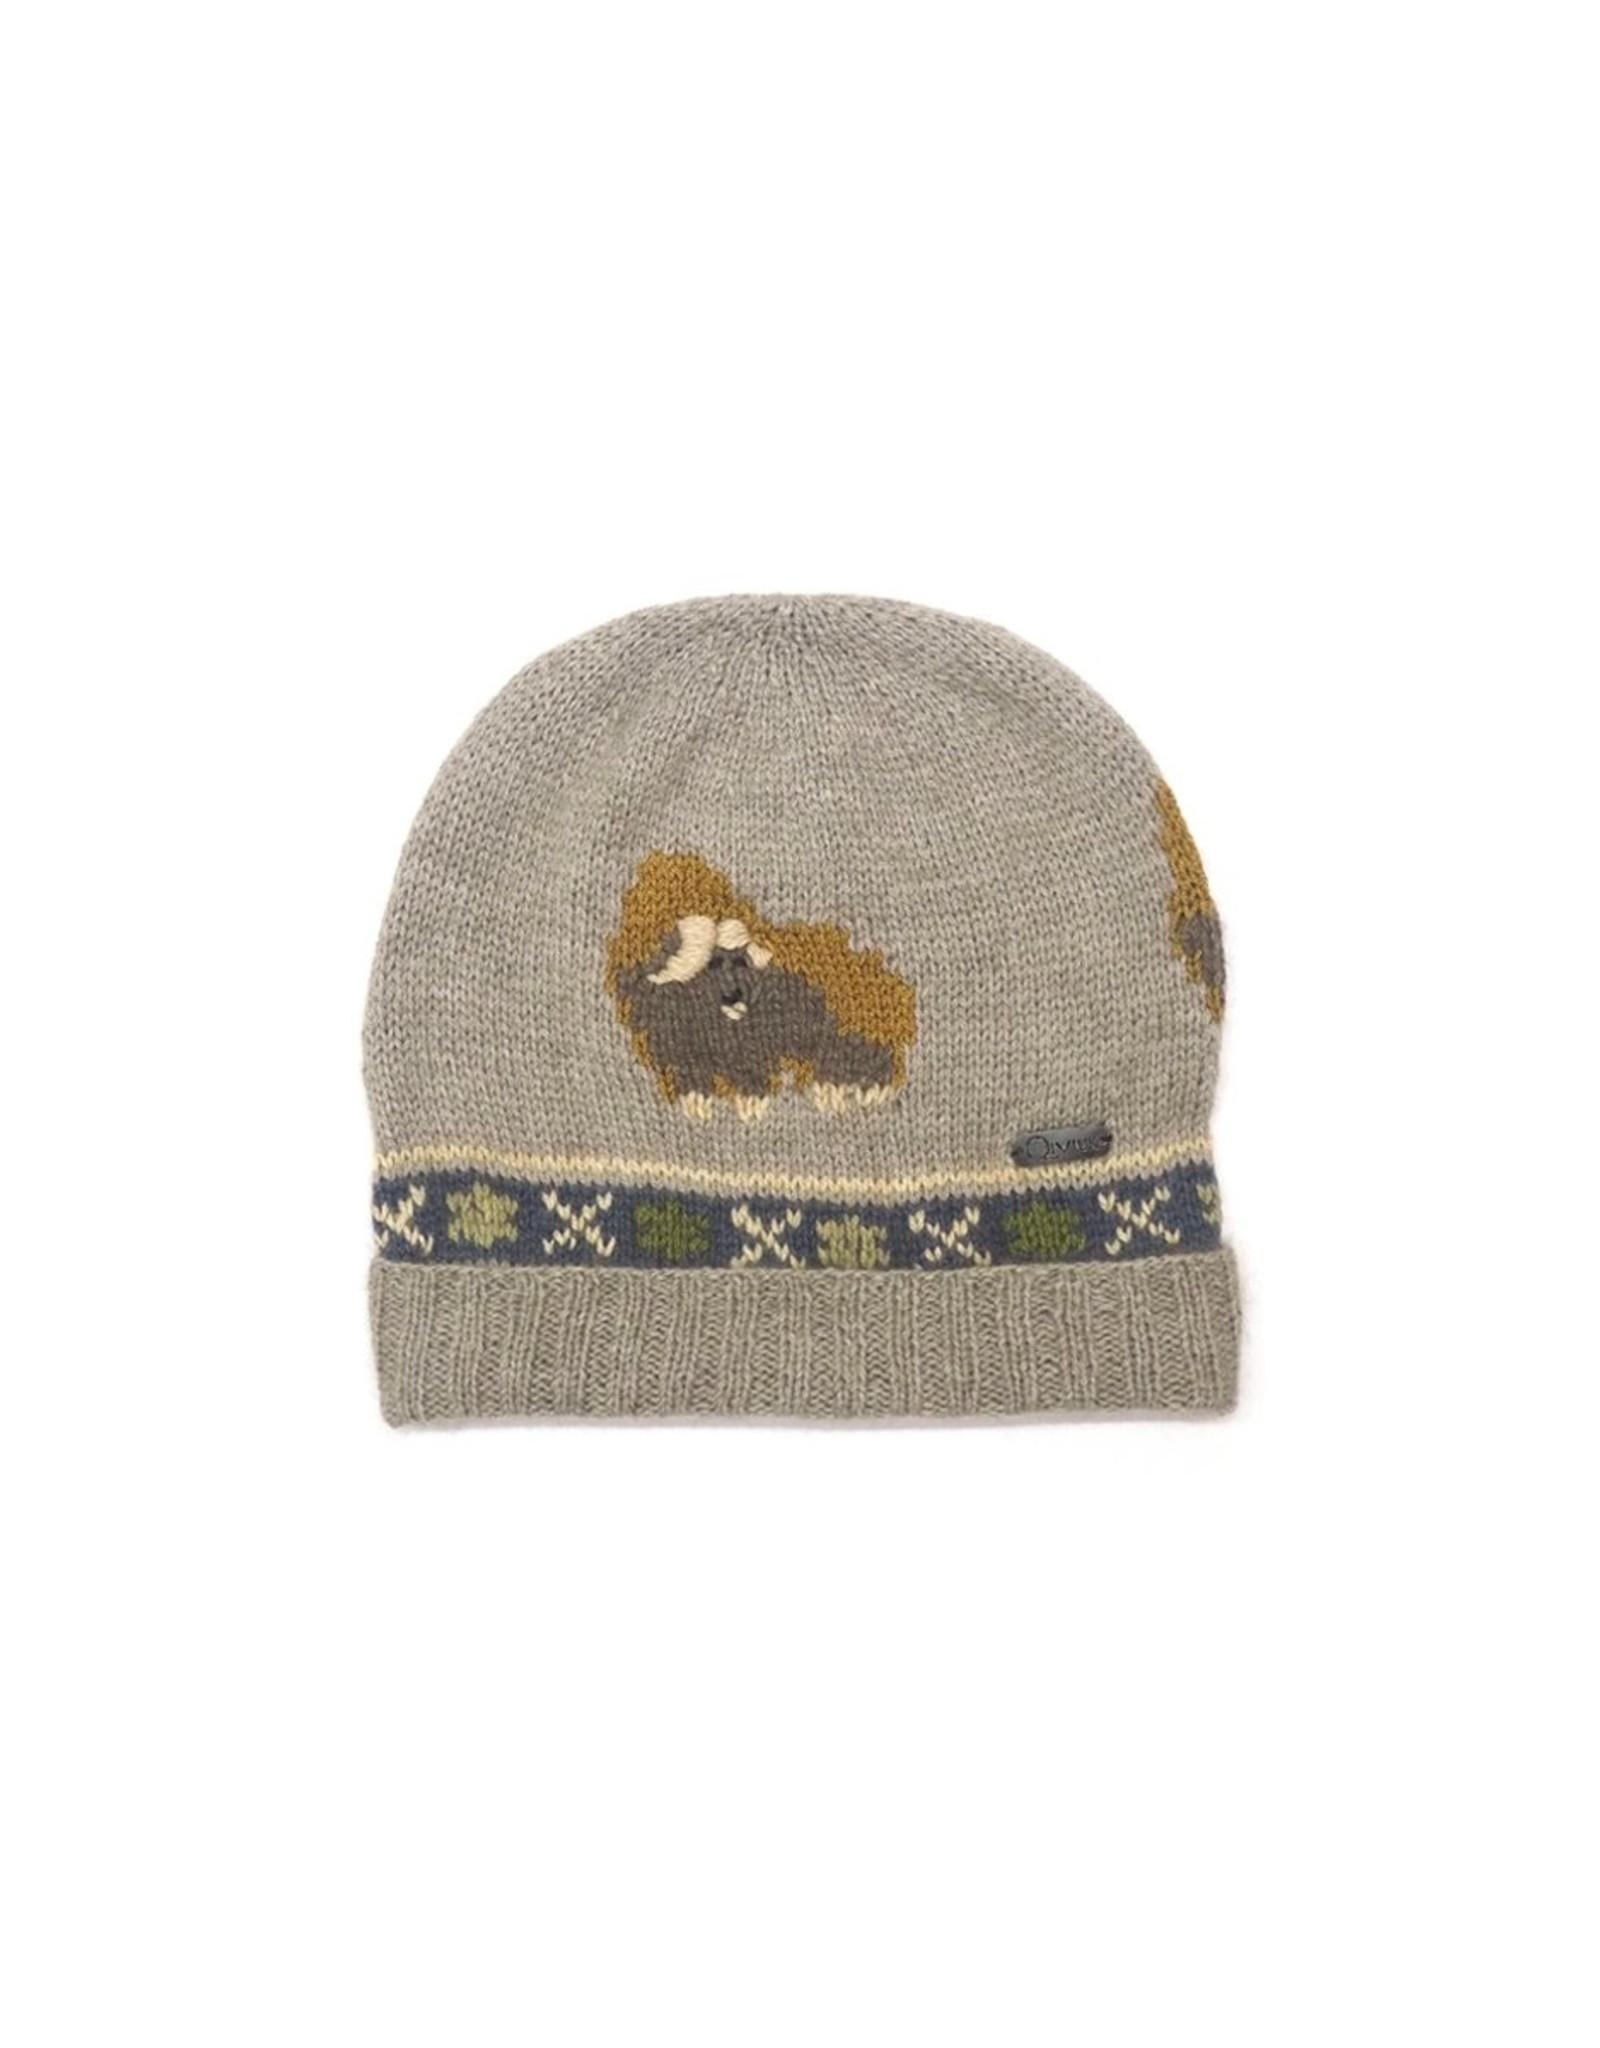 Muskox Hat - 45% Qiviuk 45% Merino 10% Silk